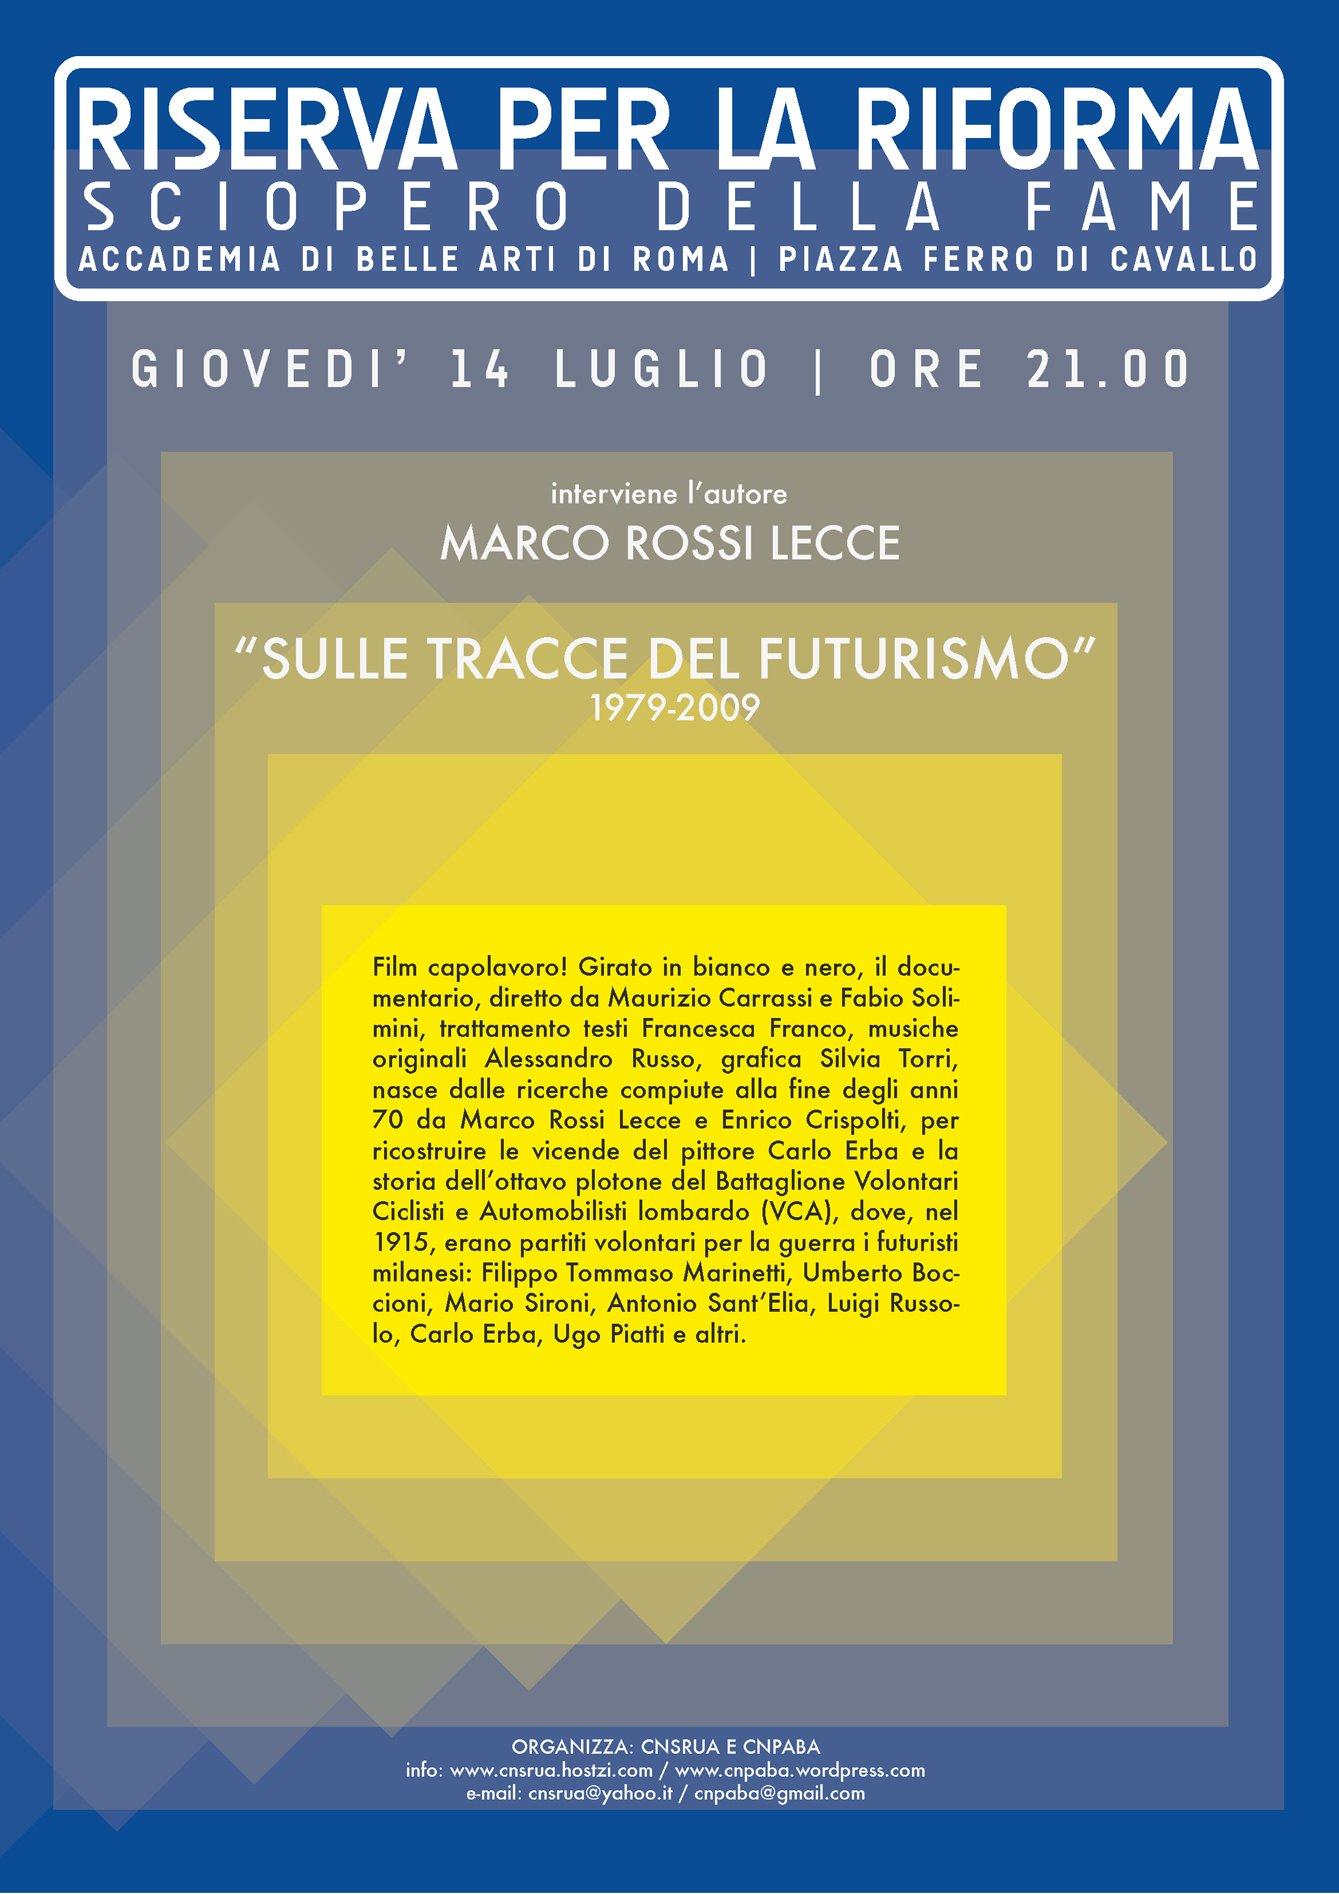 """Video-Doc """"Sulle tracce del futurismo"""" 1979-2009, giovedì 14 presso l'Accademia delle belle Arti a Roma"""